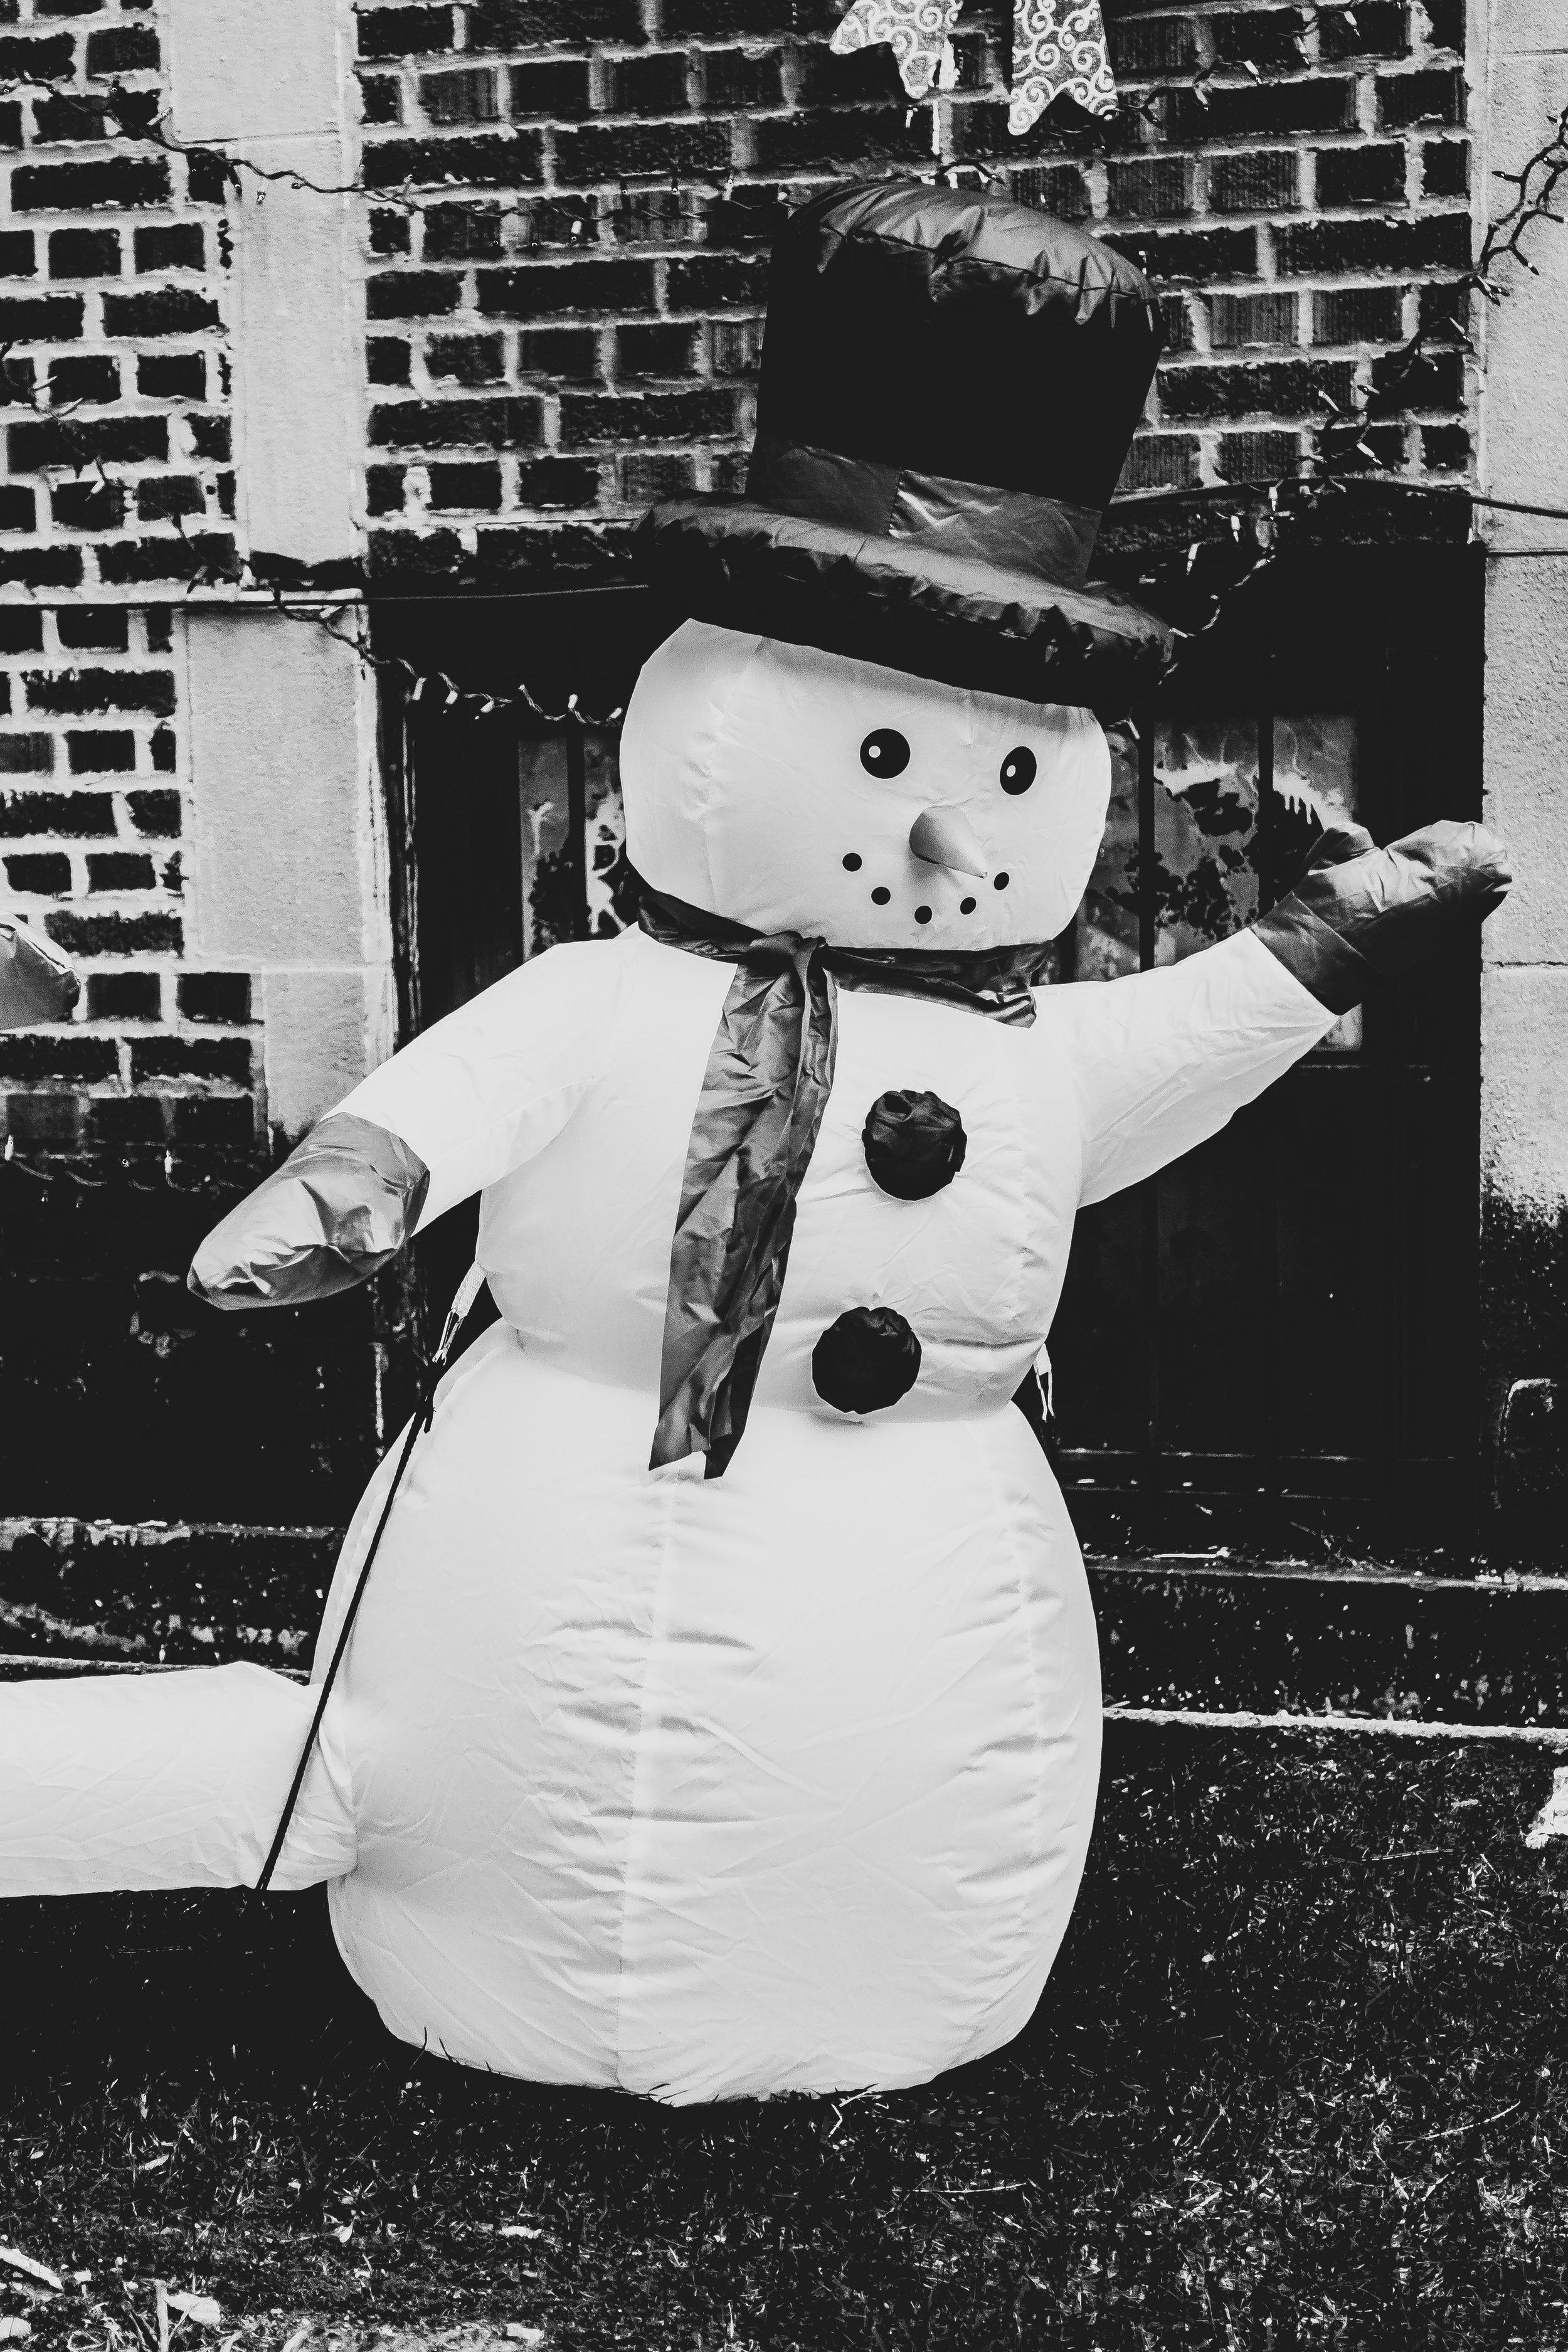 Day 120, Frosty -